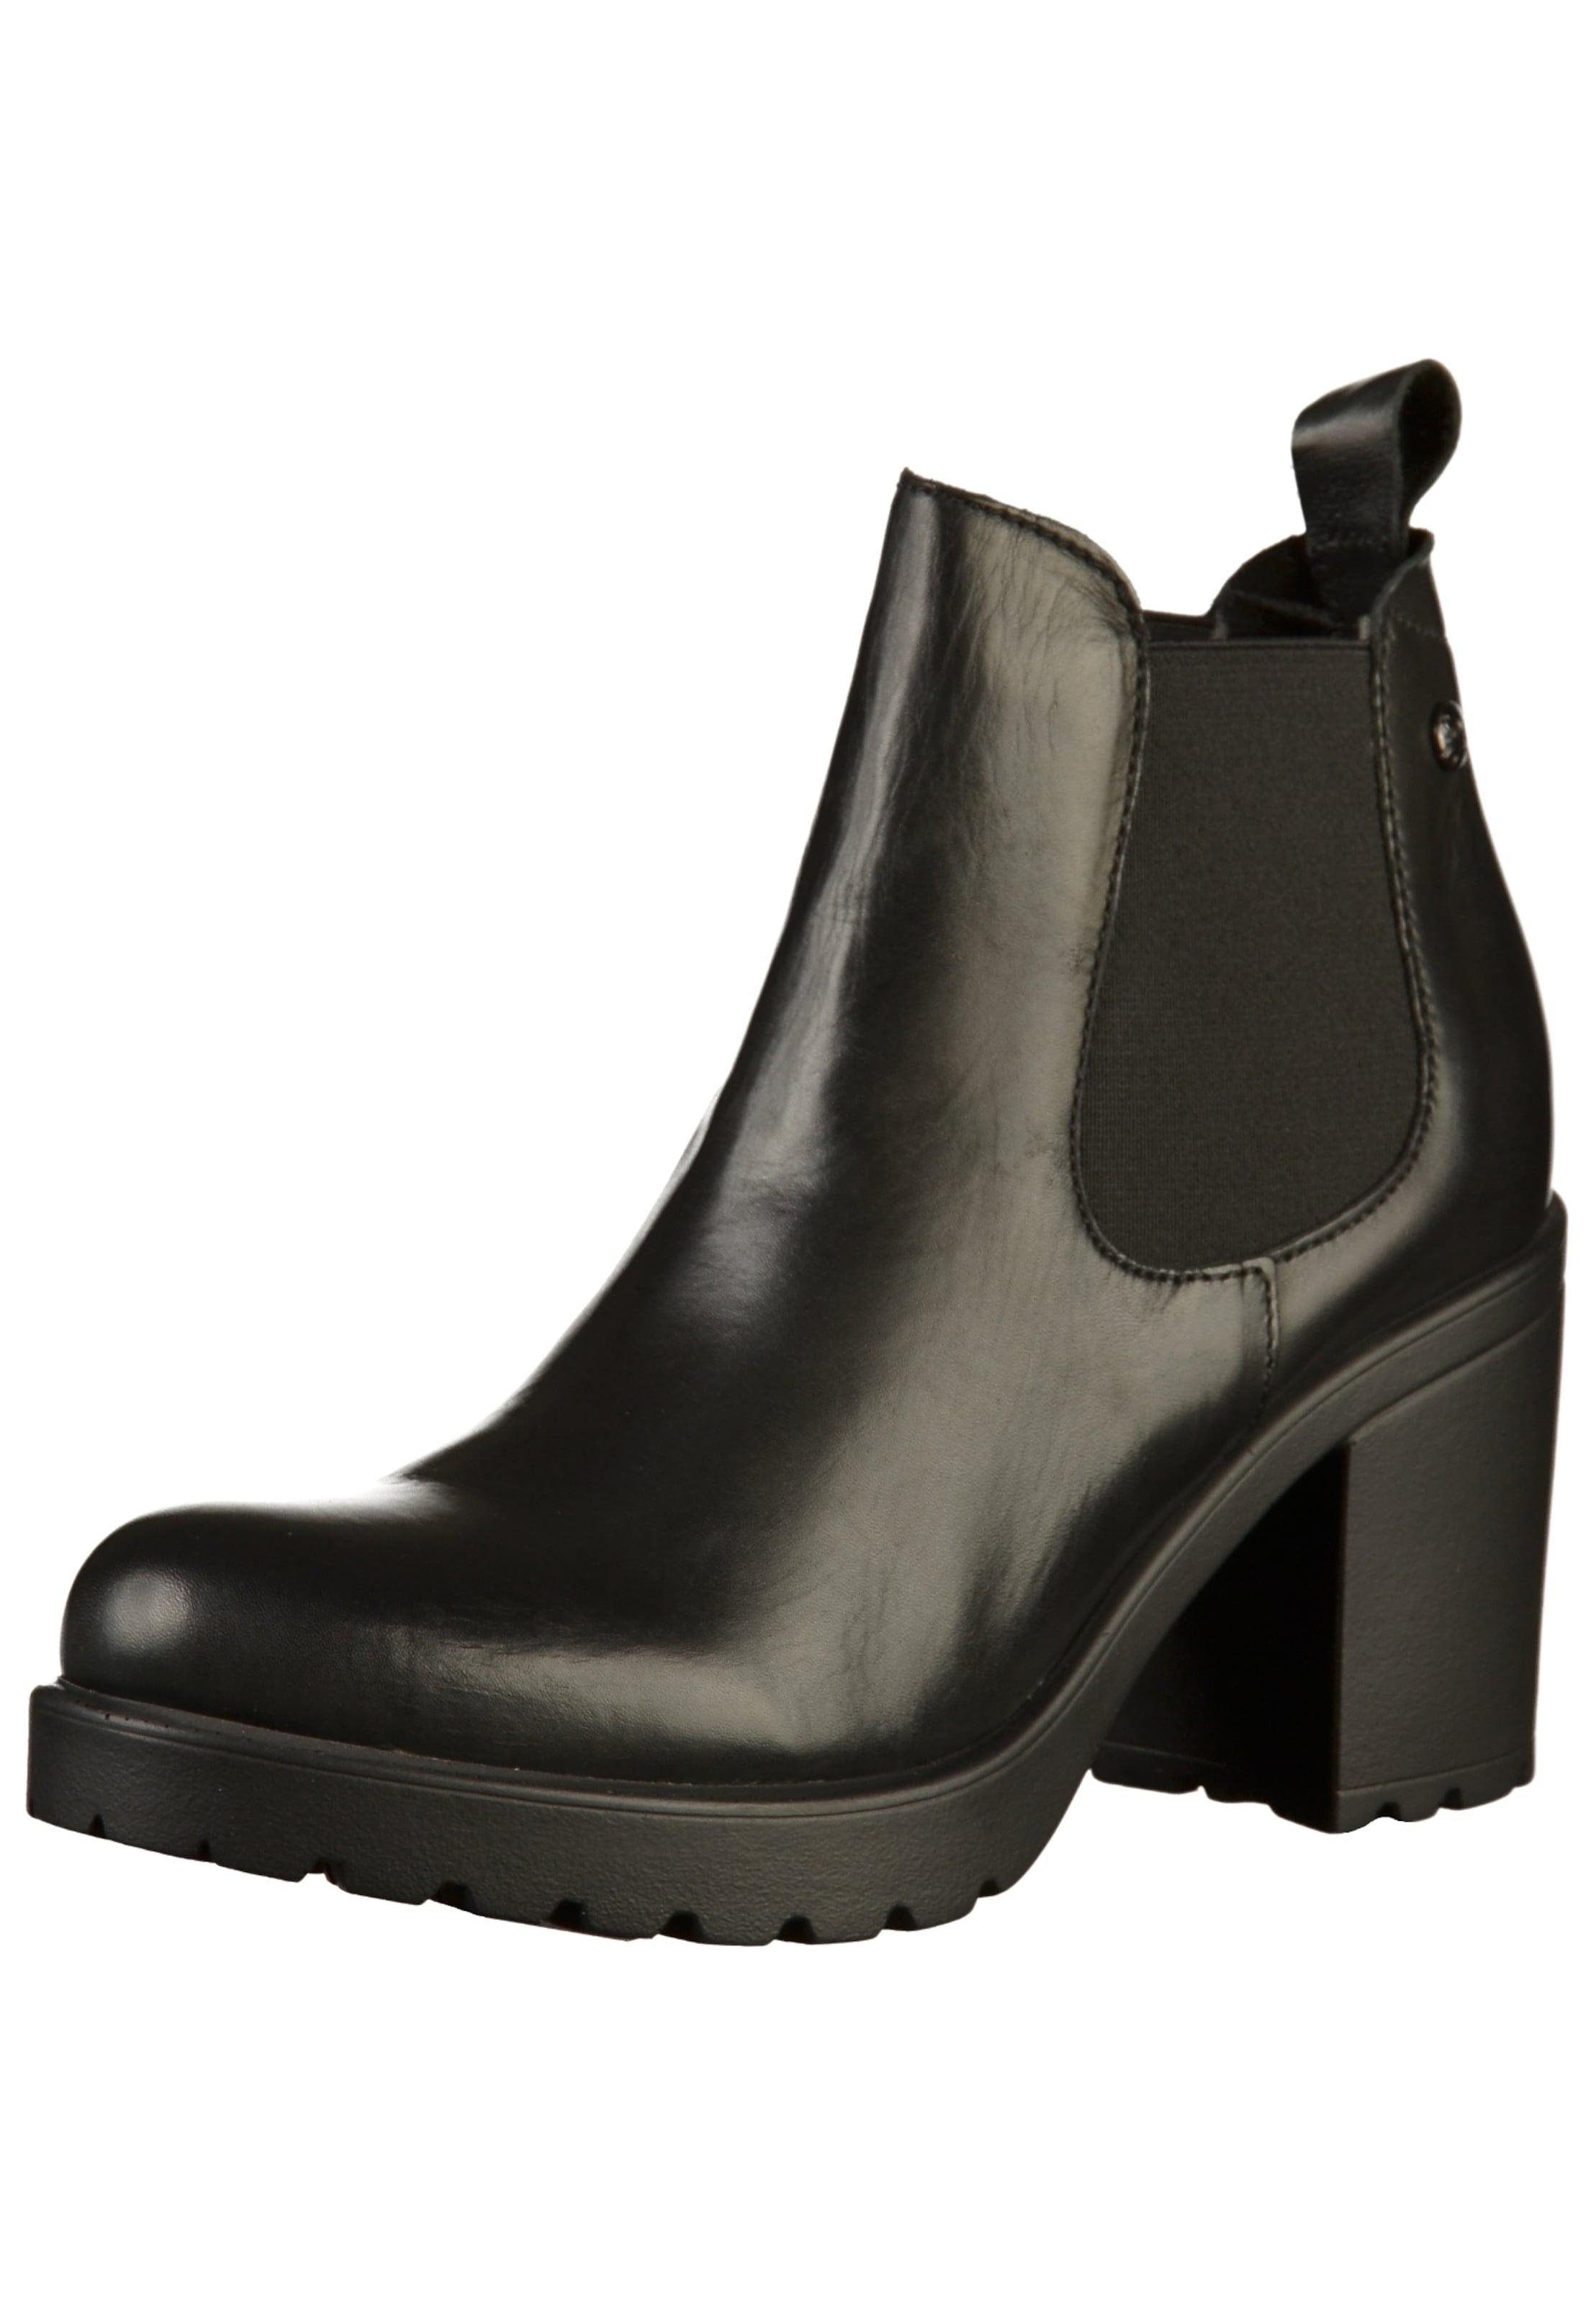 s.Oliver RED LABEL Chelsea-Stiefelette Verschleißfeste billige Schuhe